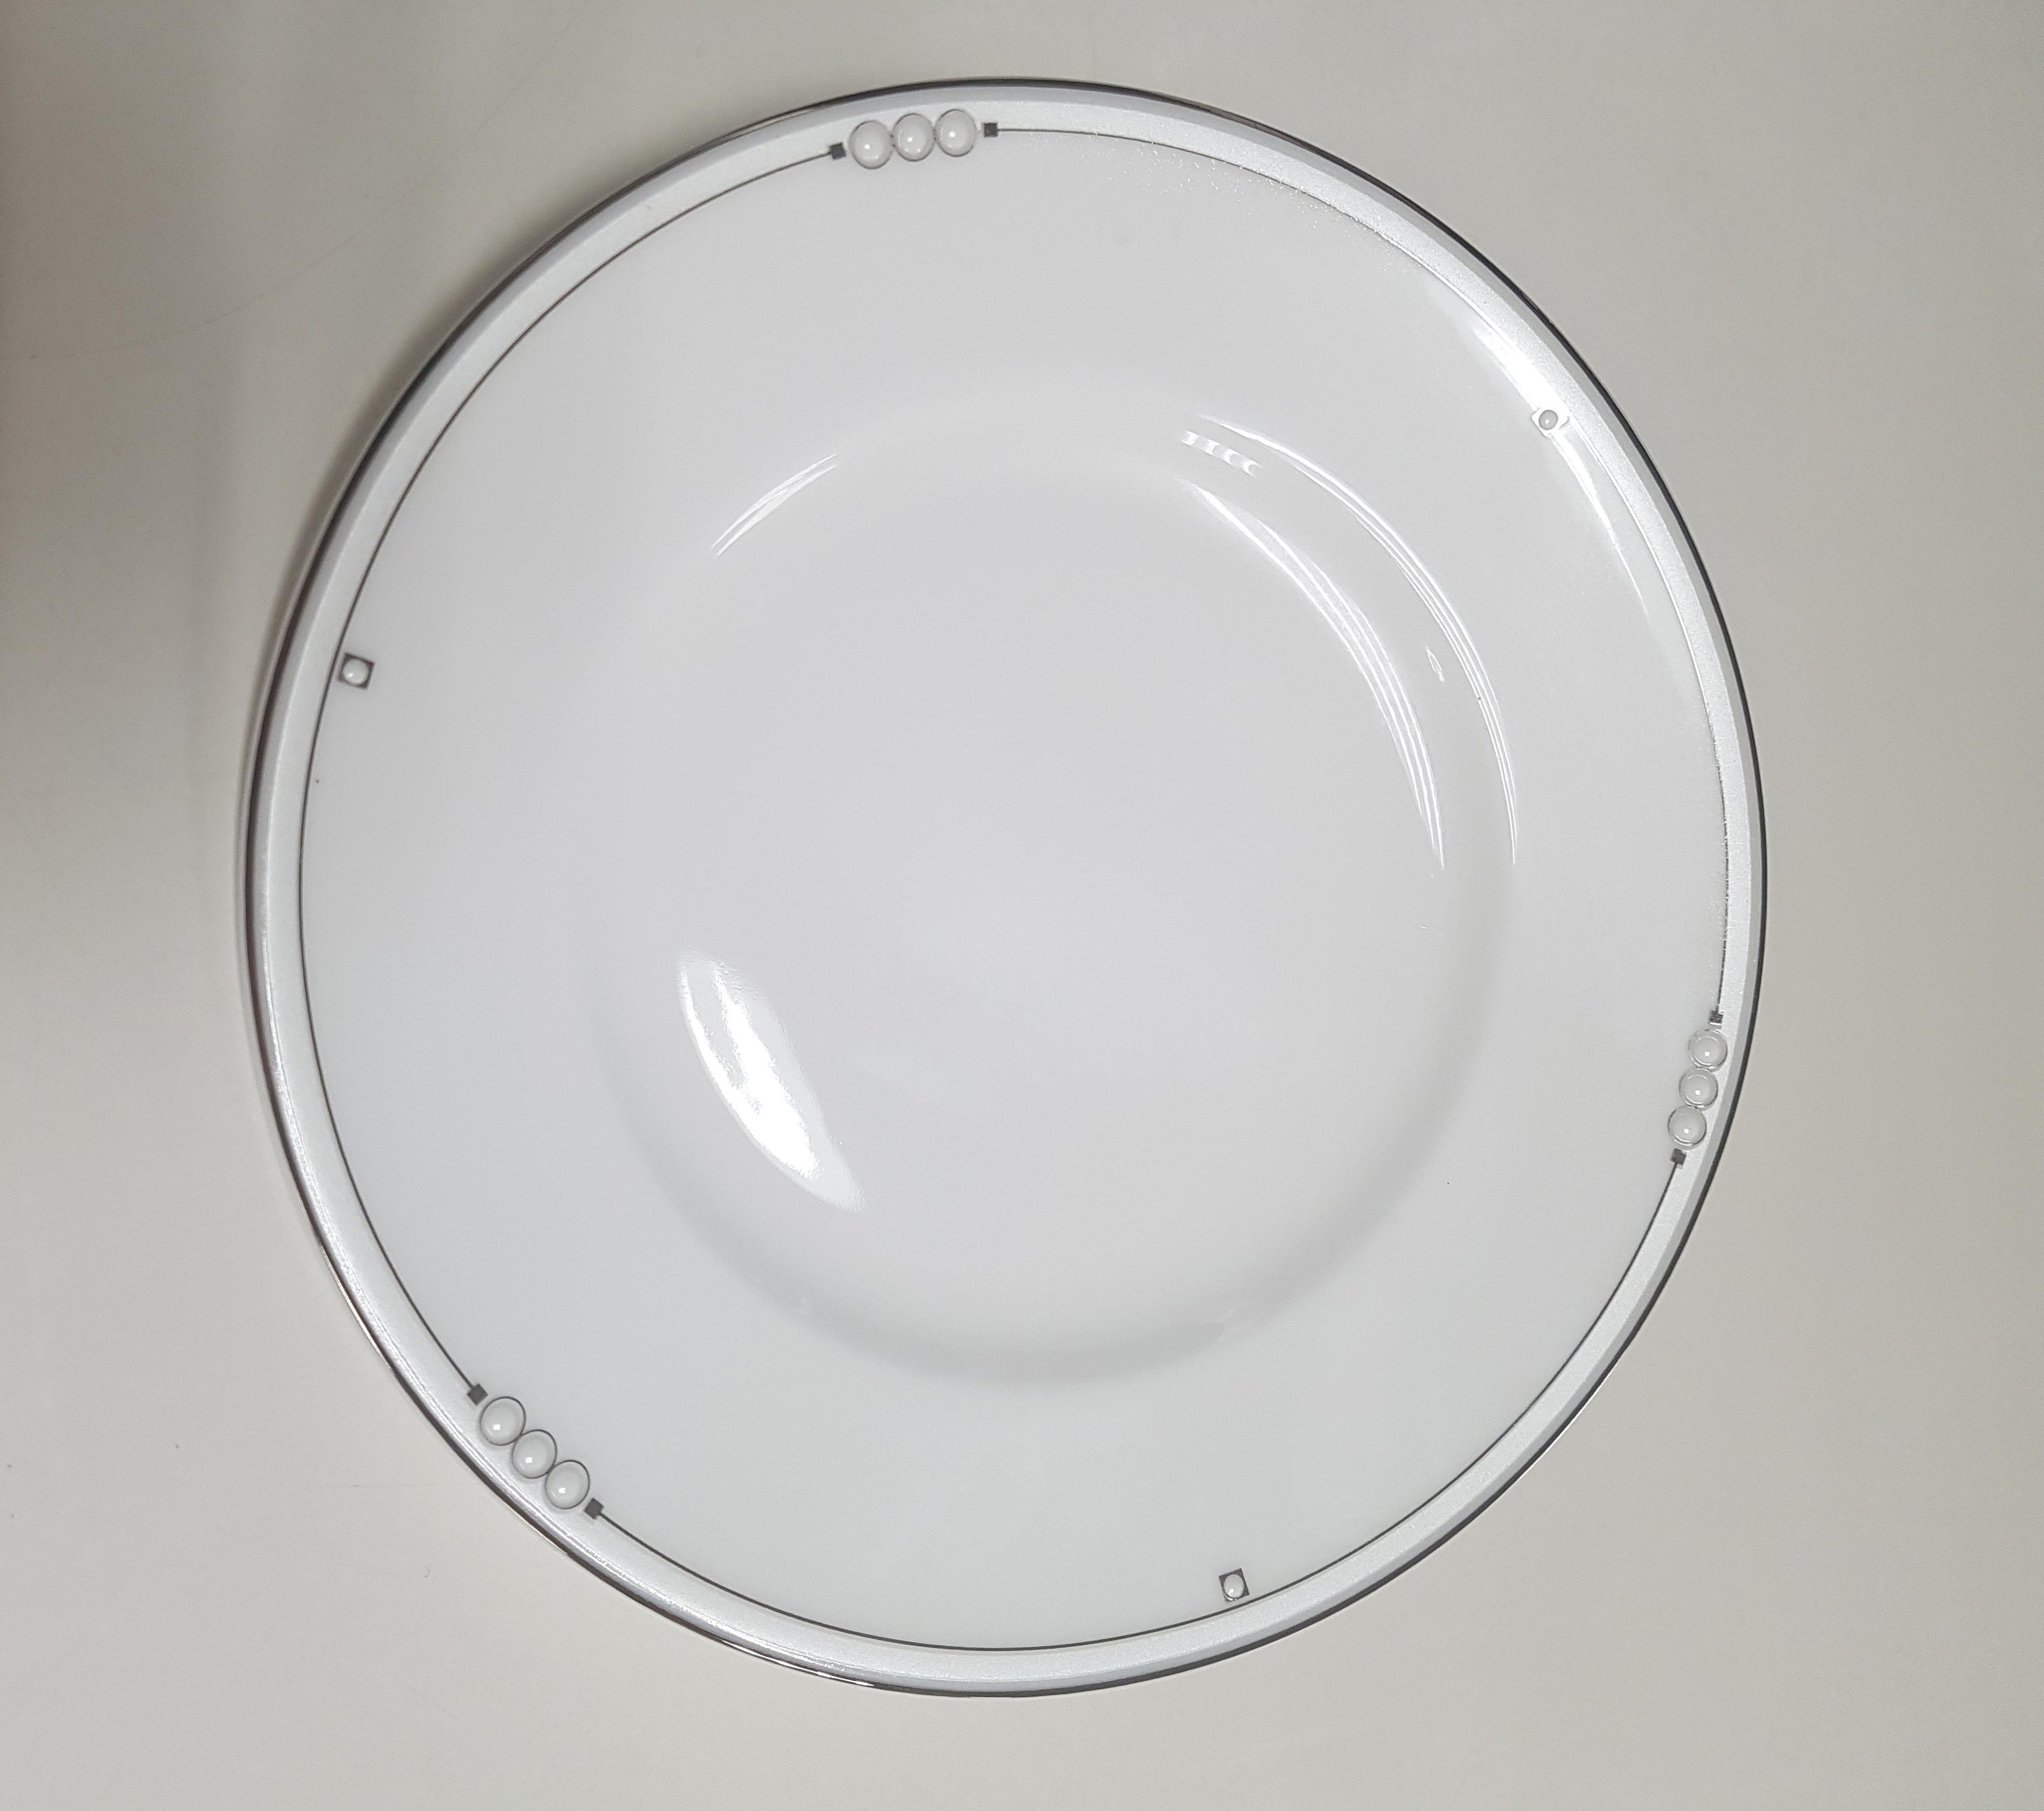 Тарелка Nikko Жемчужина, диаметр 15 смРП-12332-1005Тарелка изготовлена из высококачественного фарфора. Имеет классический вид, белый базовыйцвет. Такая тарелка отлично подойдет к любой сервировке стола.Фарфоровые изделия из Японии маркируются на донышке обозначением CHINA. Made in Japan. CHINA - это международное обозначение высококачественного фарфора, происходящее отискаженного титула китайского императора, владеющего монополией на производство фарфора.Обозначение Bone China соответствует утонченному и изысканному костяному фарфору,популярность которого сейчас высока как никогда. Технология изготовления костяного фарфора многоступенчатая. В фарфоровую массудобавляется костяная мука, что позволяет сделать изделие более прочным итонкостенным.Фарфор фабрики NIKKO на 60% изготавливается ручным способом. Своим чистым белым цветом и прозрачностью японский фарфор завоевал отличную репутацию ипервое место по продажам на мировом рынке.